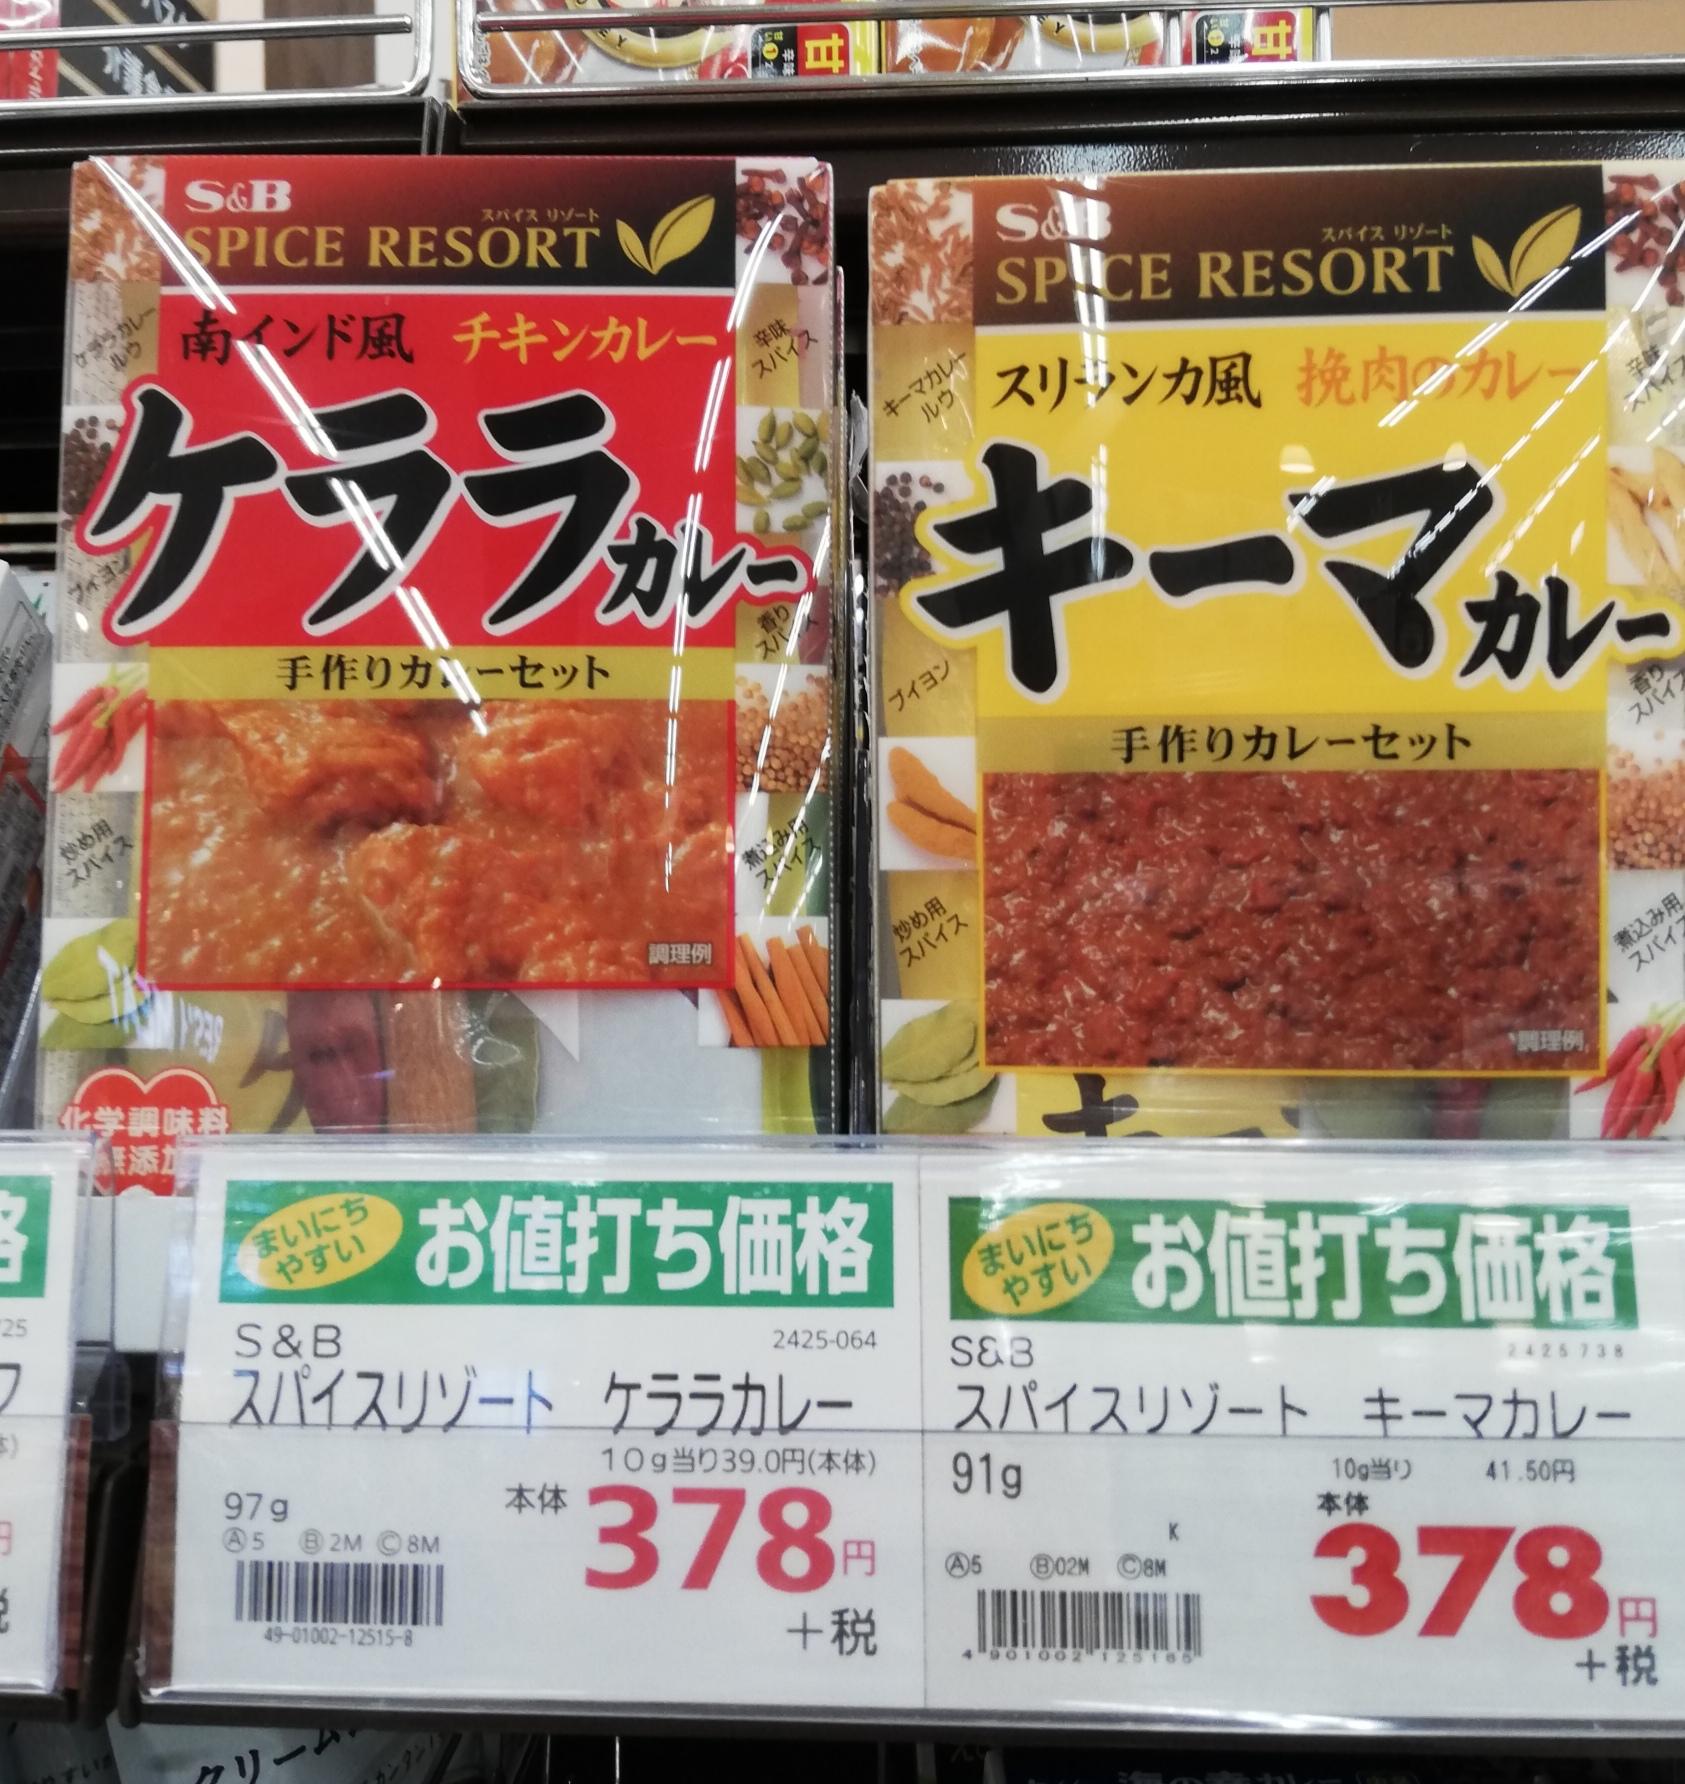 ★イズミヤ八幡店★おもてなし料理にもなる…の画像